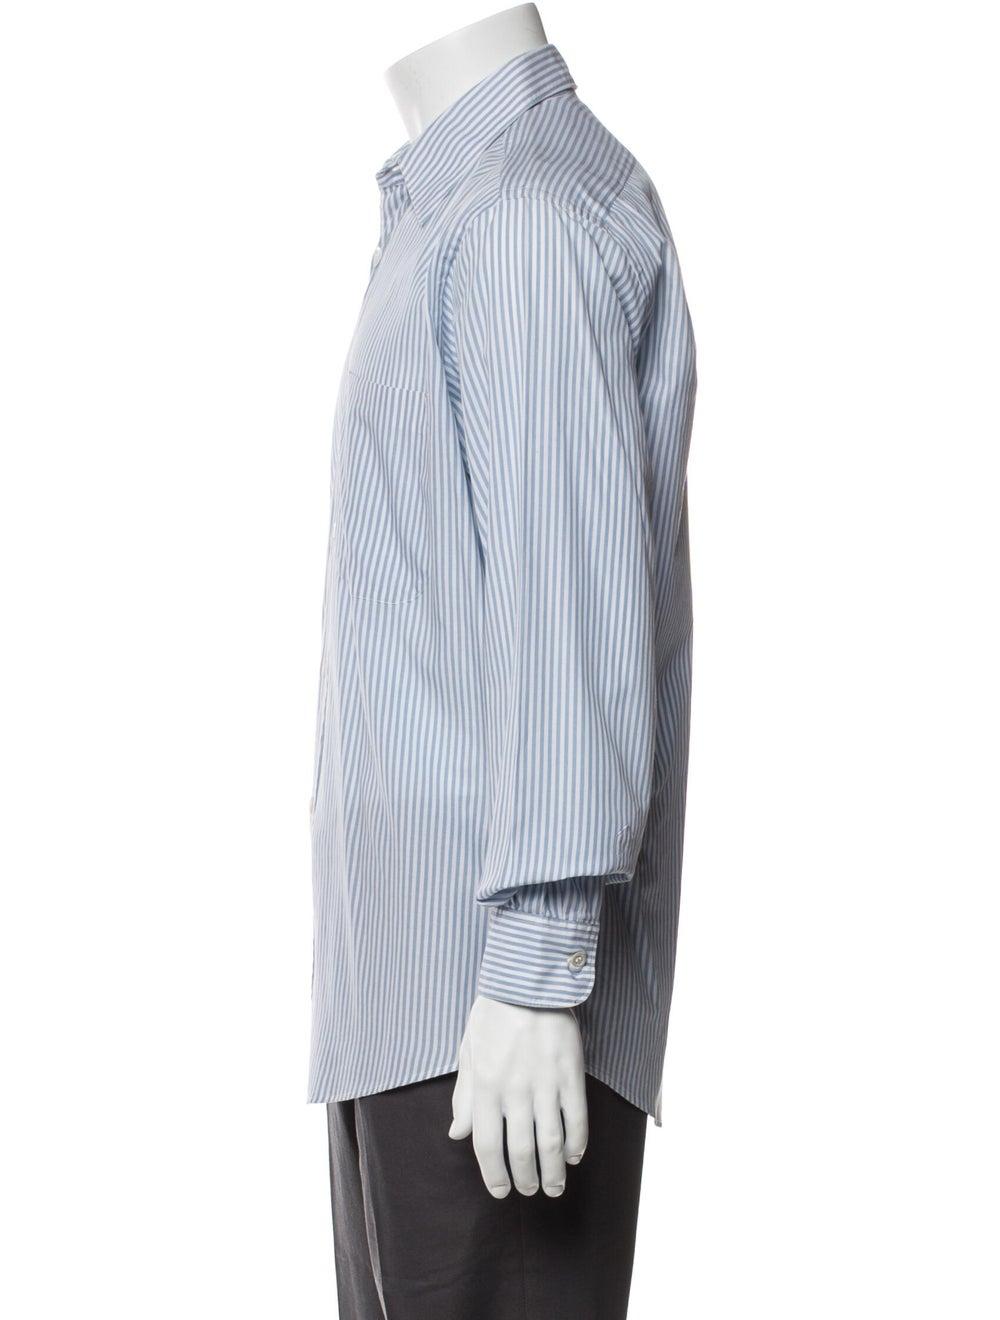 Yves Saint Laurent Rive Gauche Vintage Striped Sh… - image 2